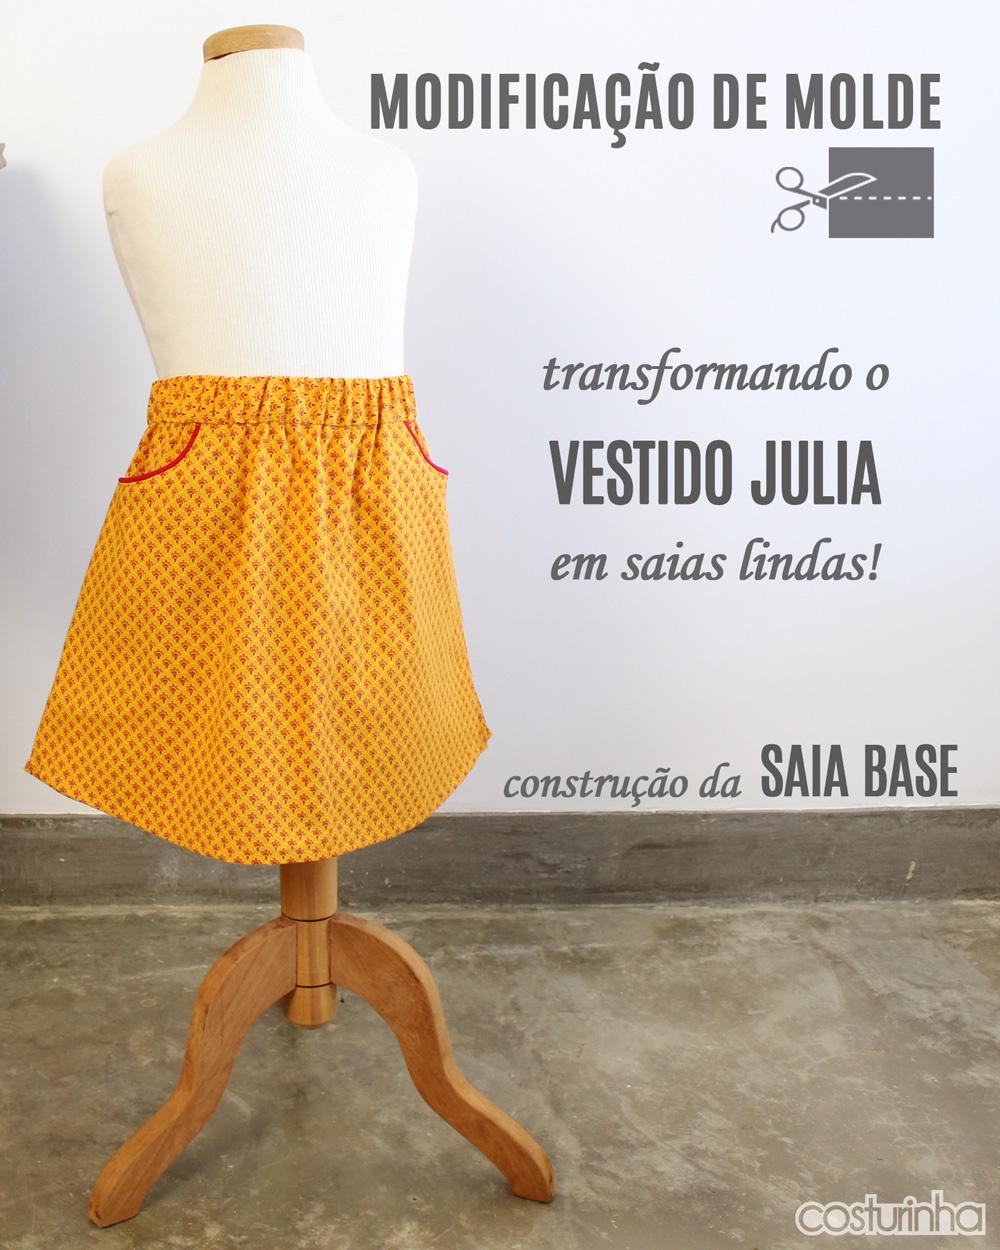 Modificação de Moldes - transformando o vestido JULIA em saias lindas!